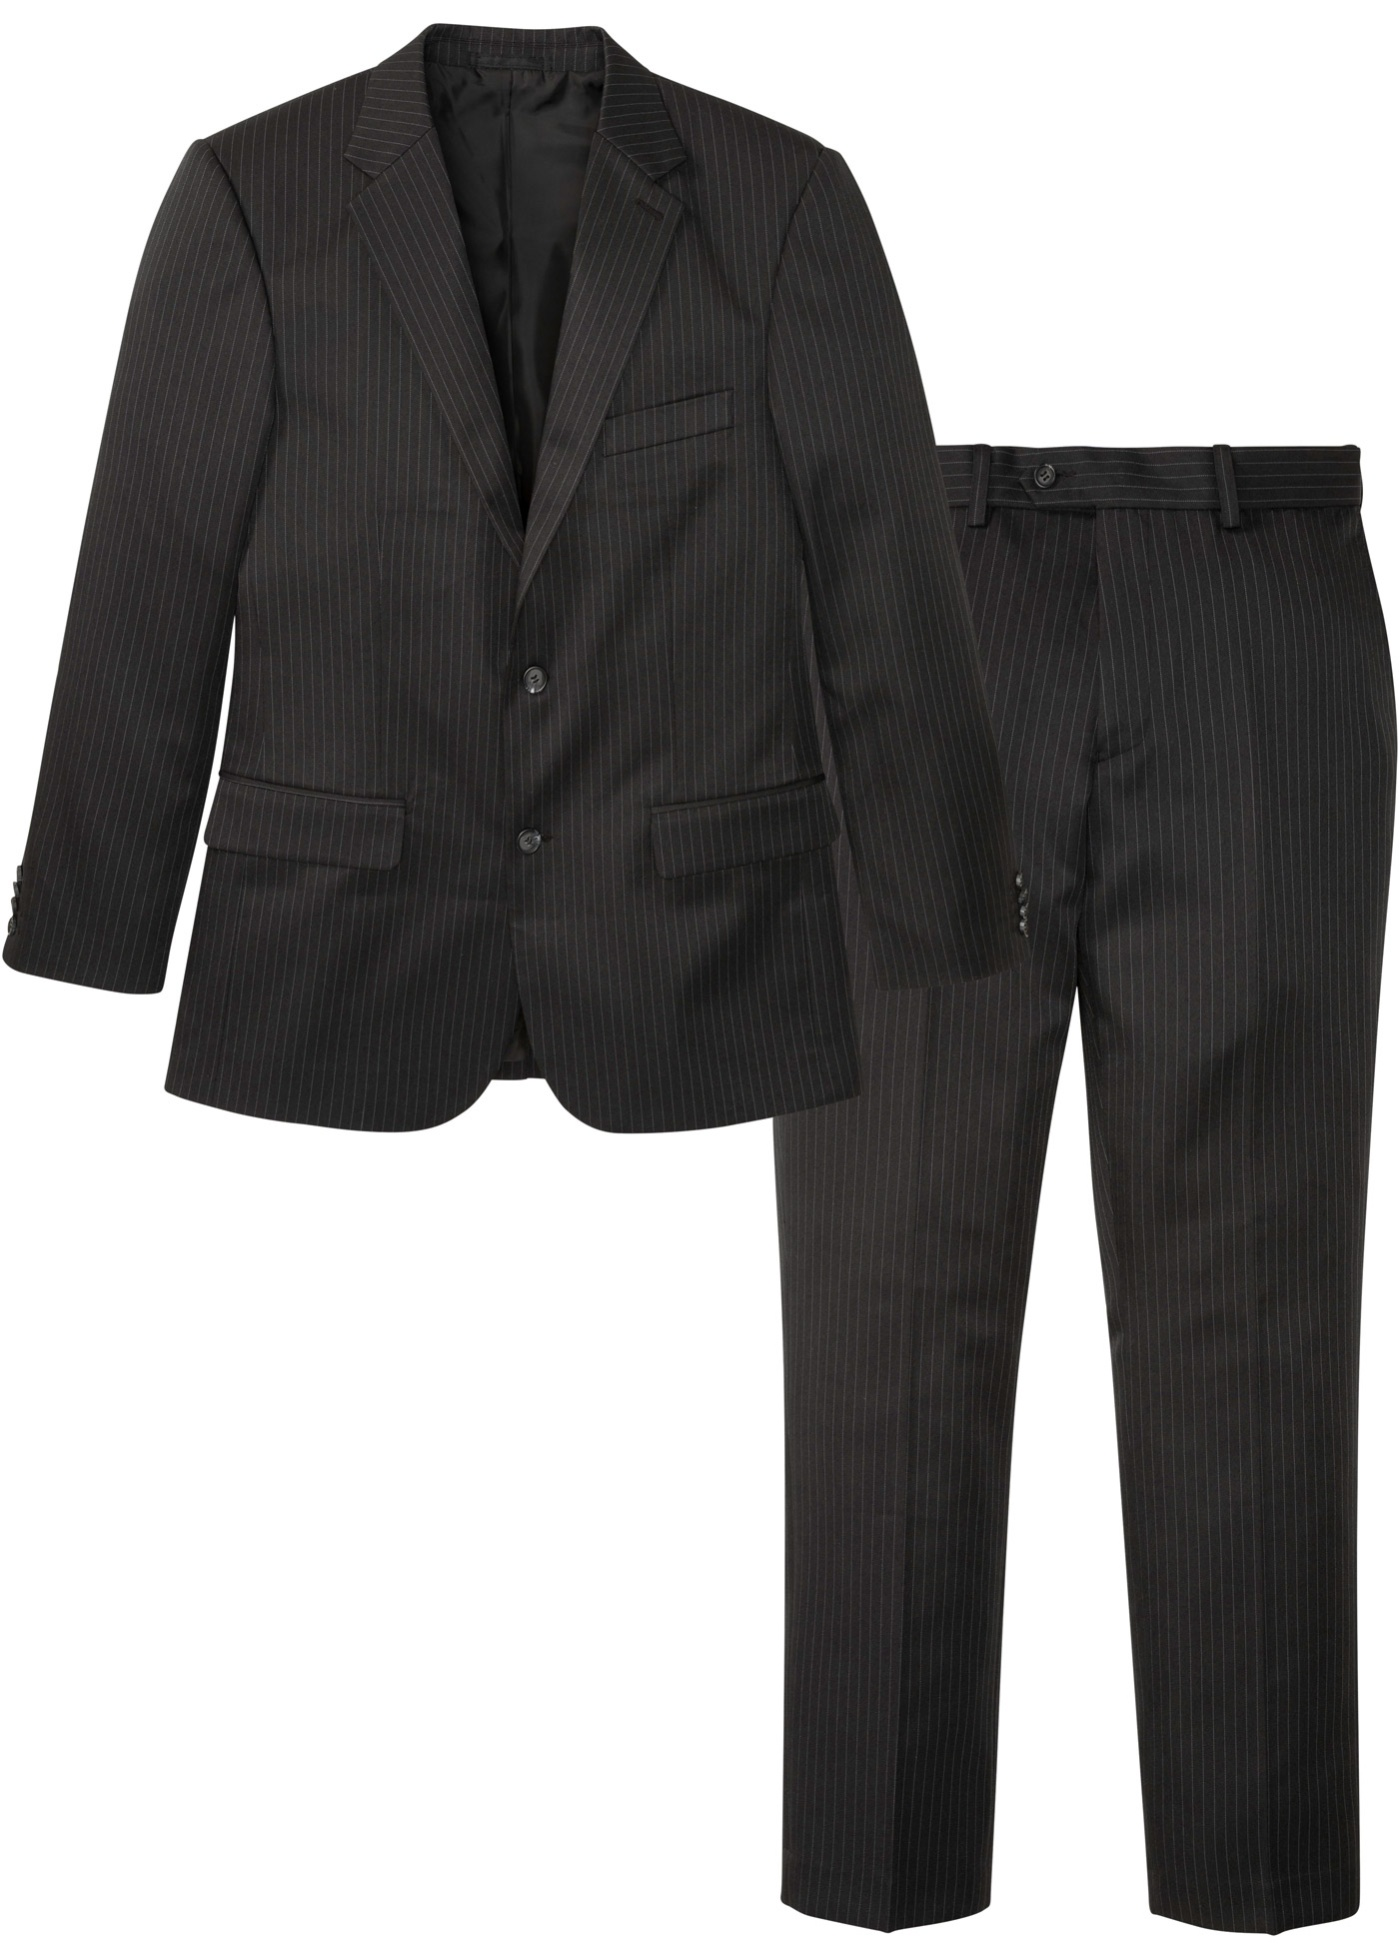 Bilde av 2 Delet Dress: Dressjakke Og Bukser